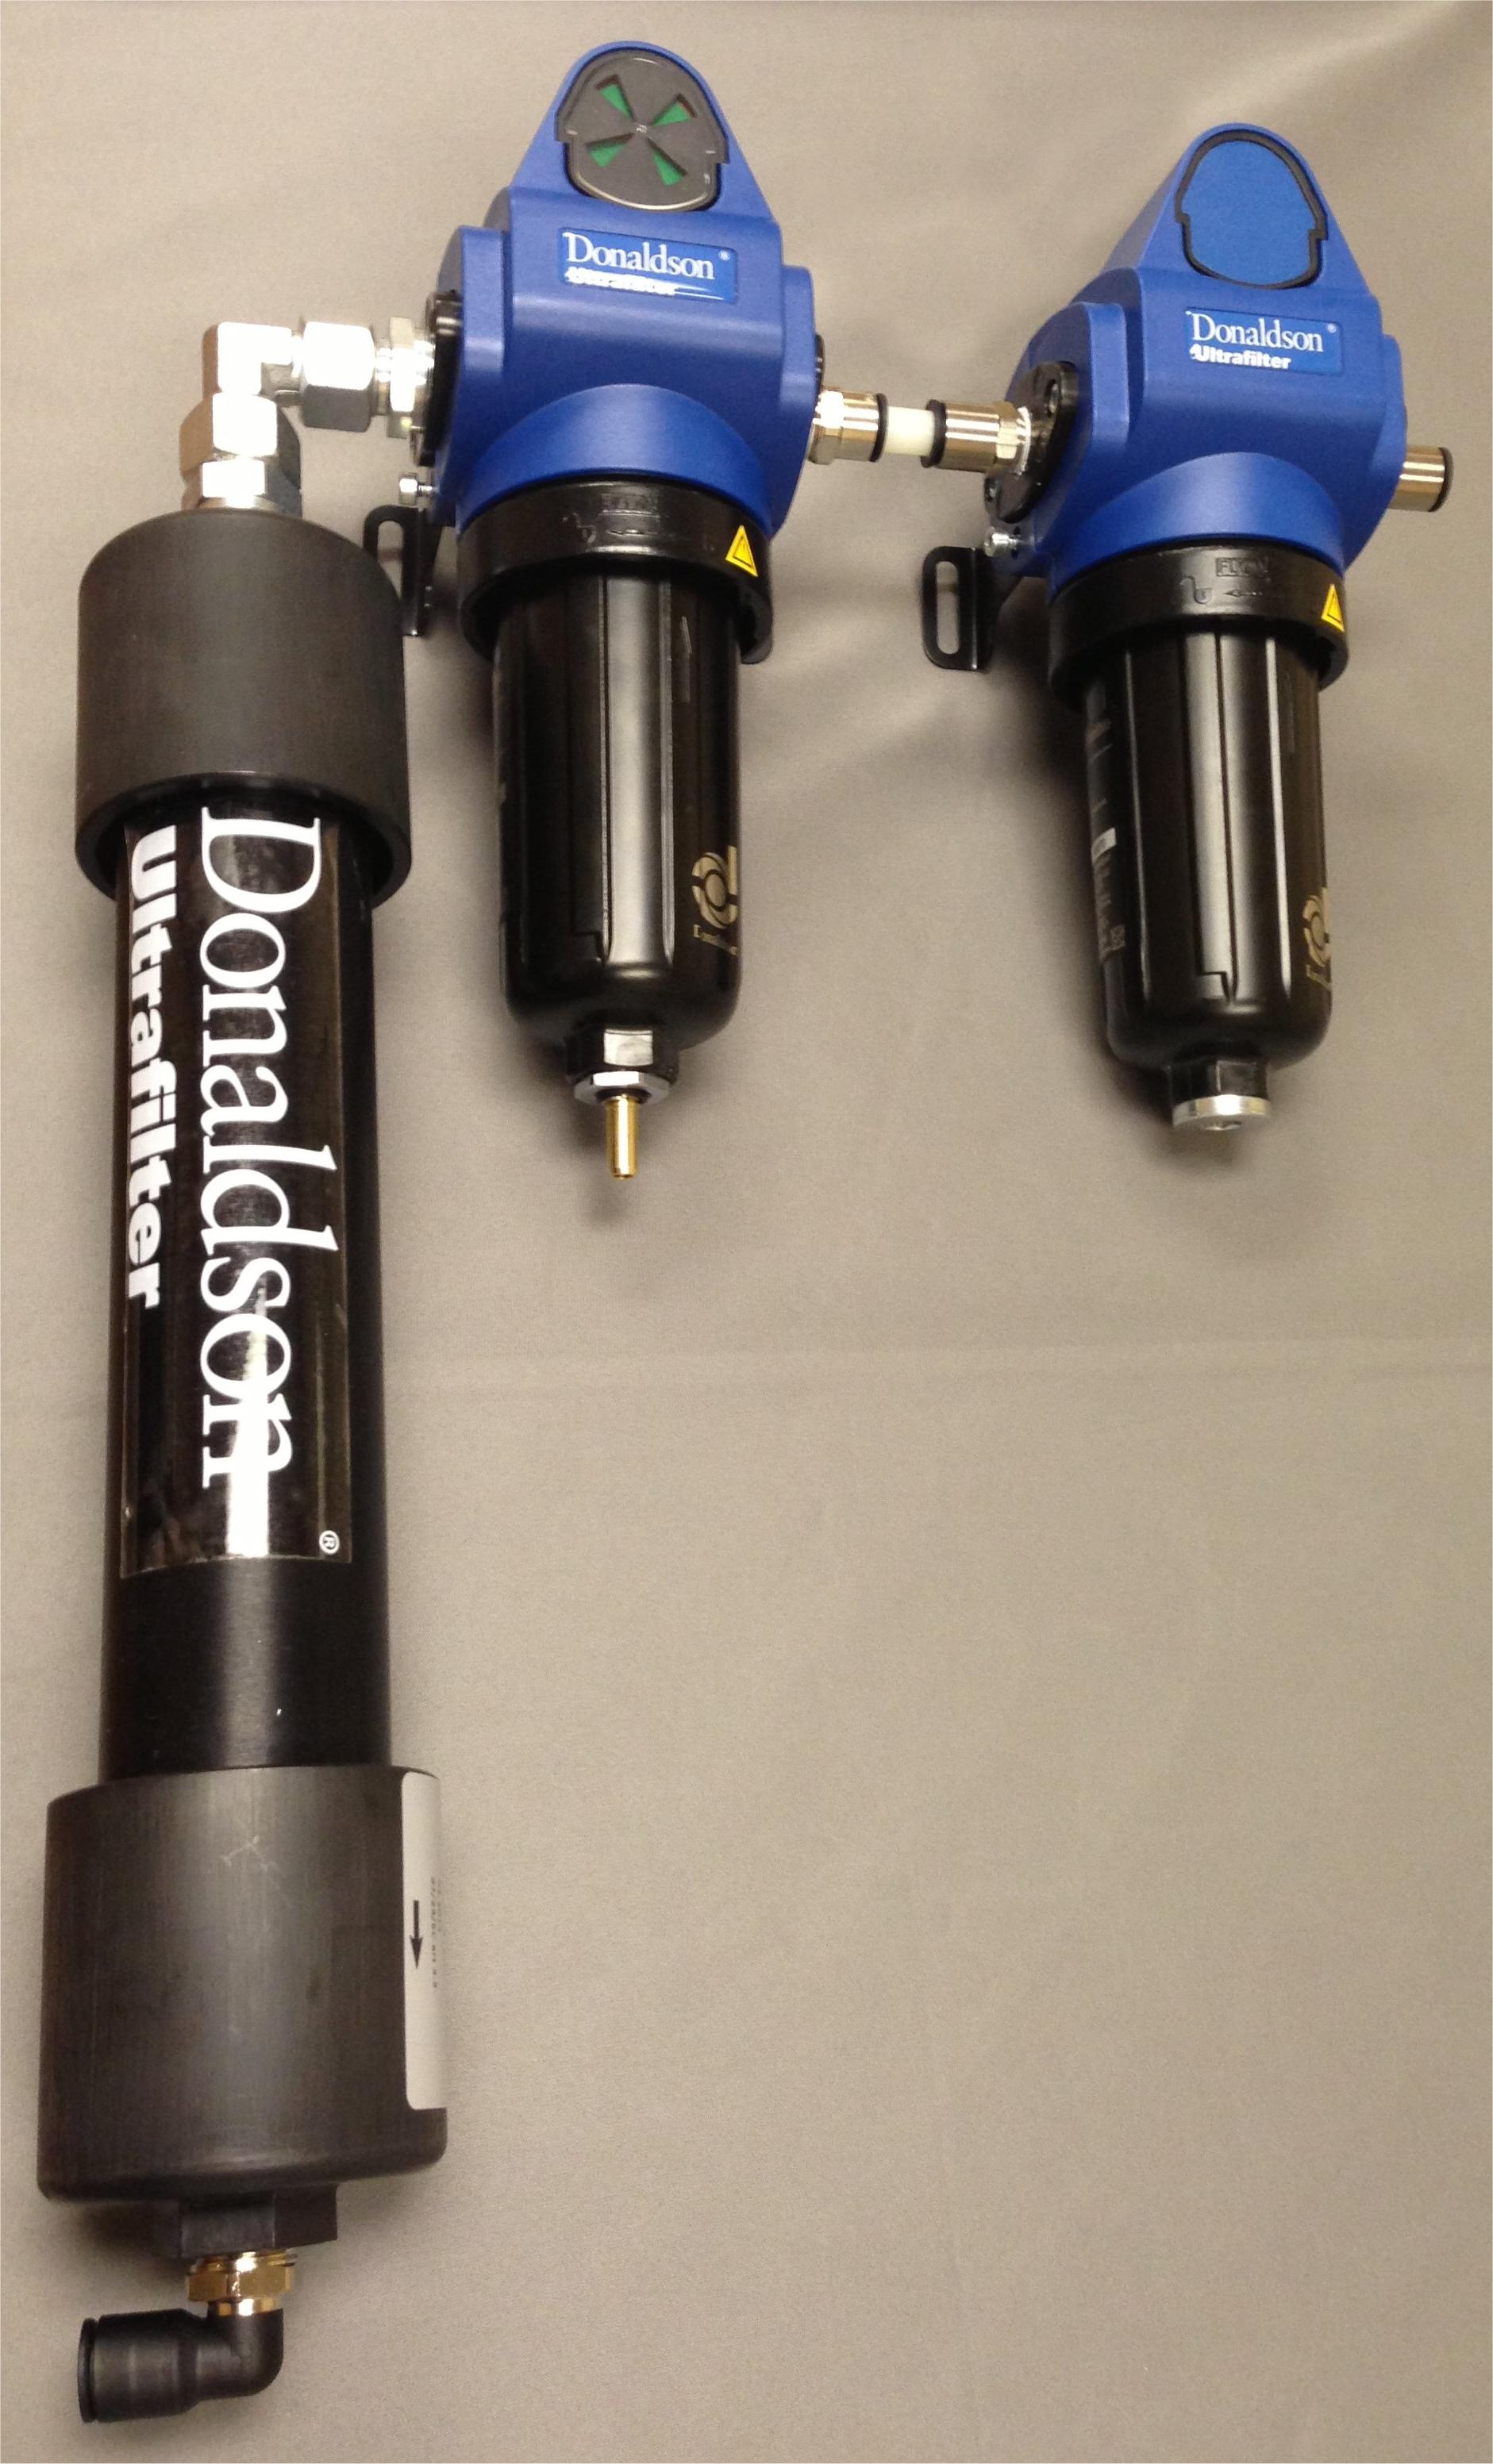 Donaldson Air Donaldson Sp24 Air Dryer